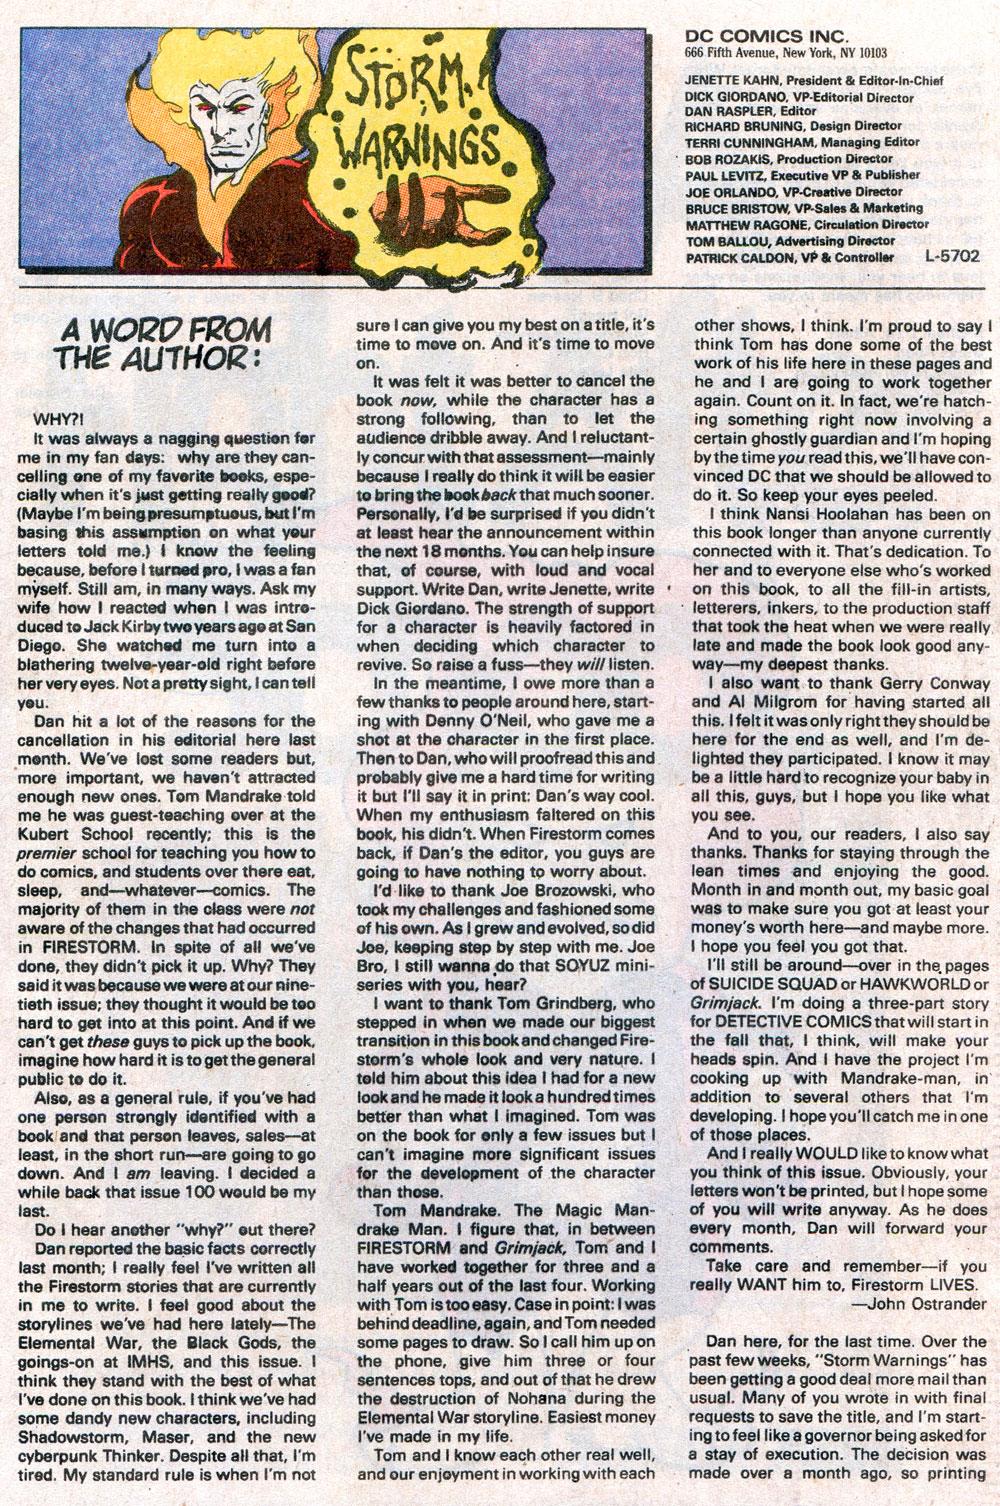 John Ostrander's farewell letter in Firestorm #100